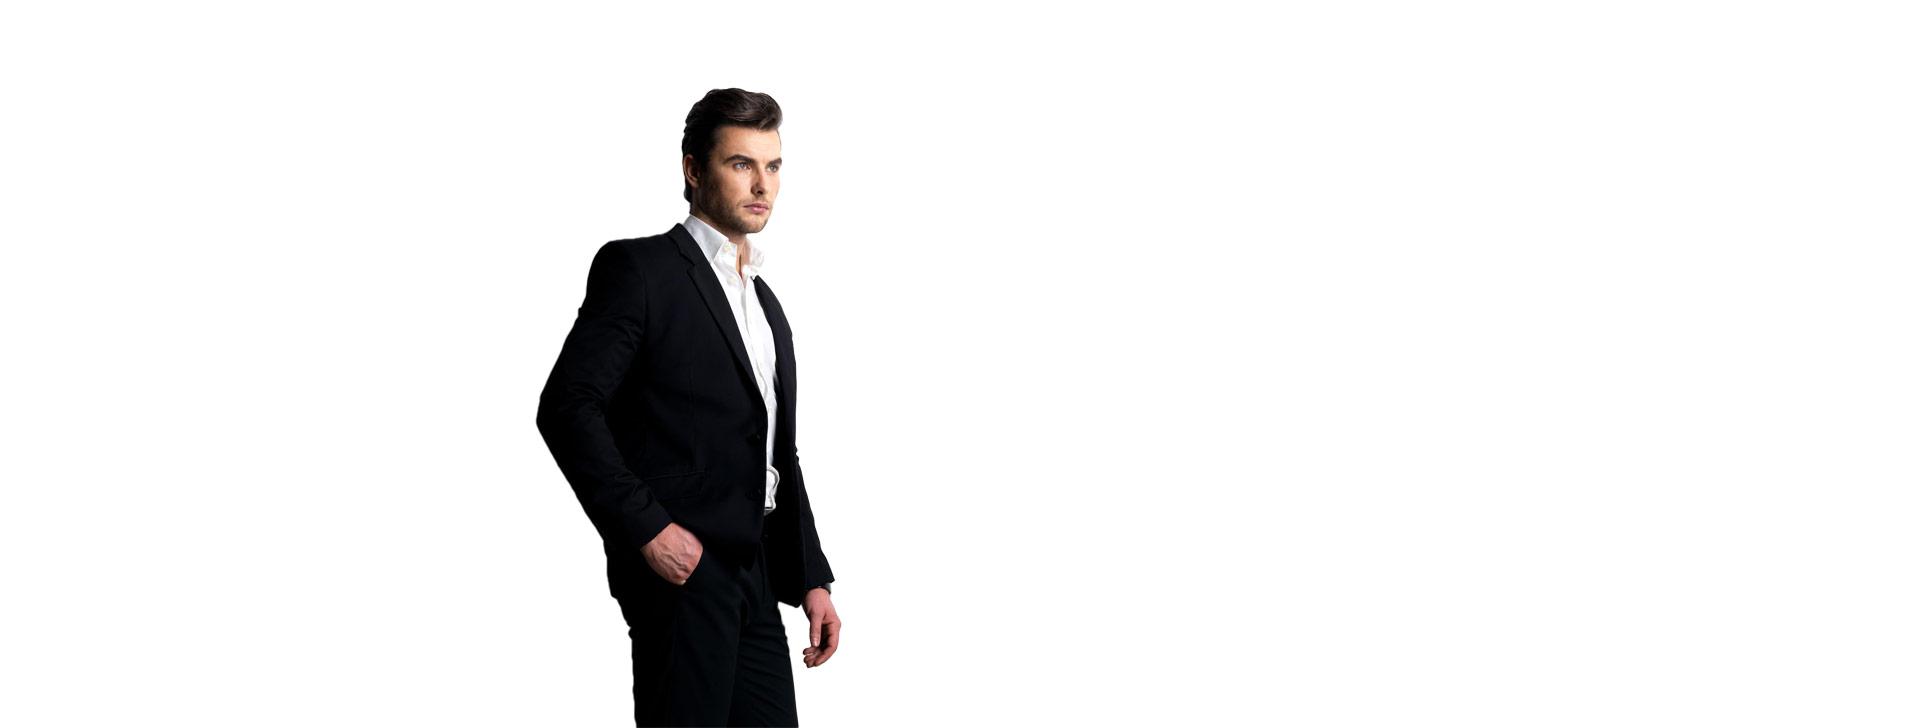 man-in-black-suit